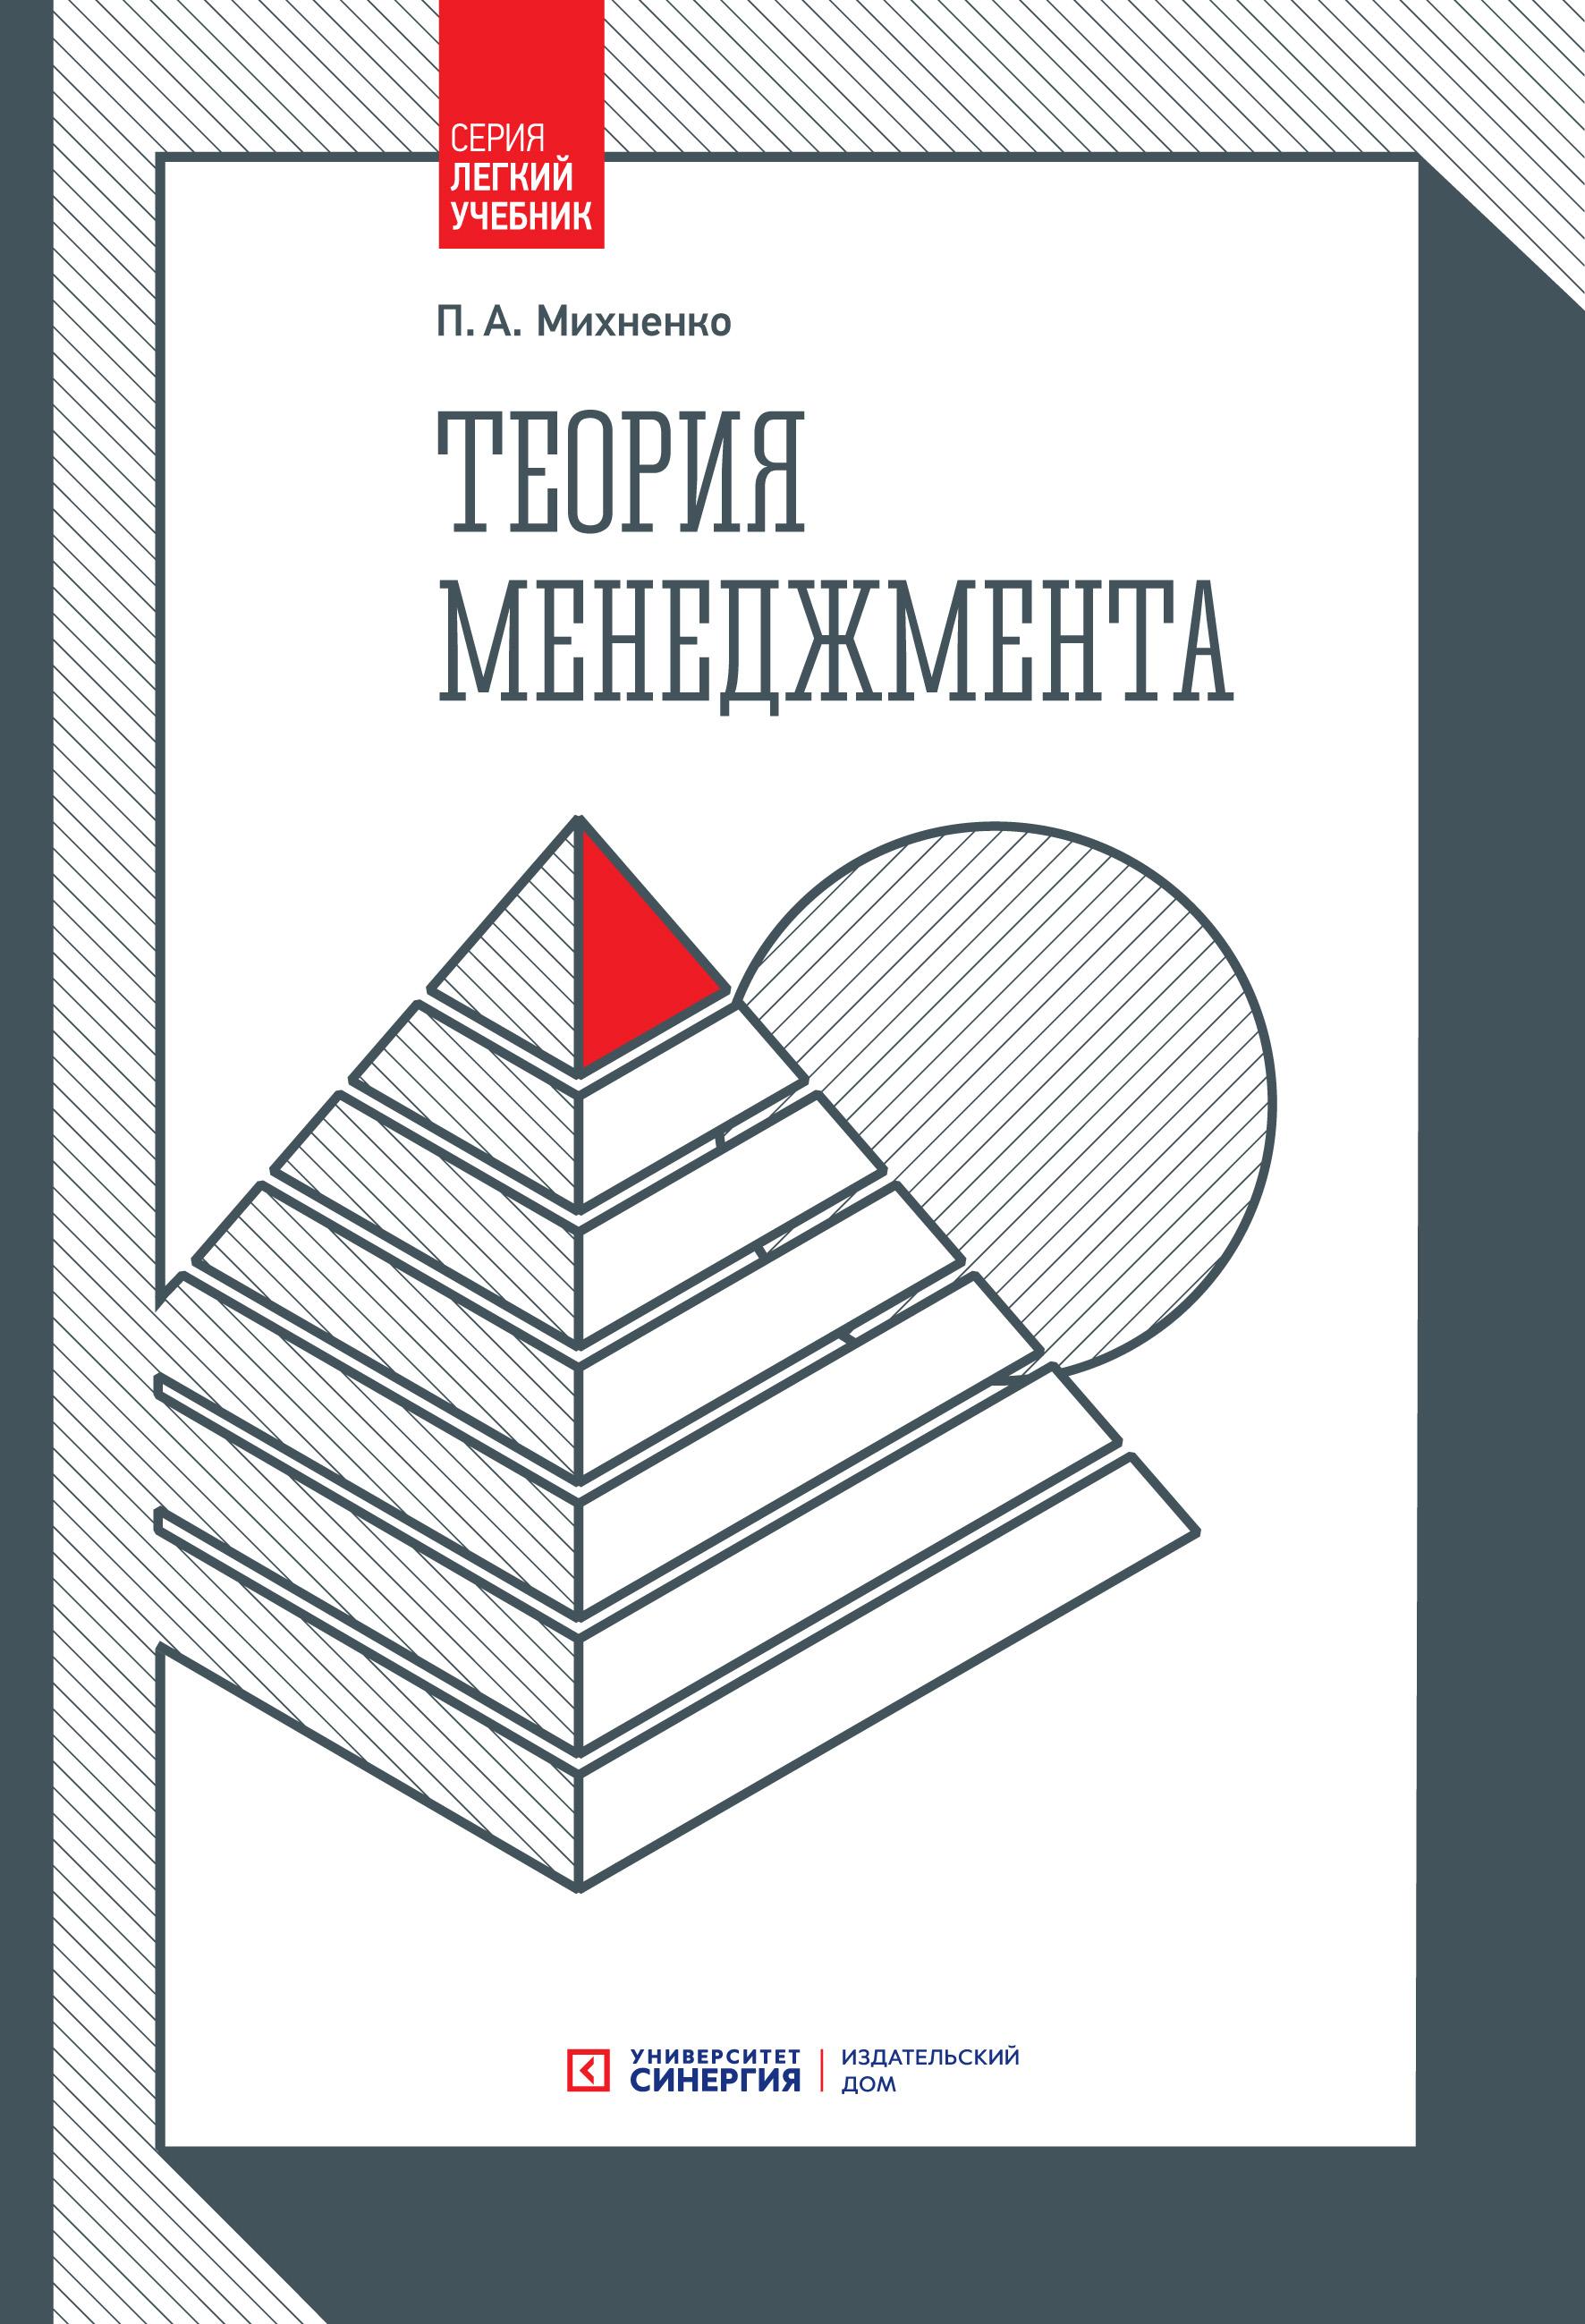 П. А. Михненко Теория менеджмента в а дуров е п агеев термодинамическая теория растворов